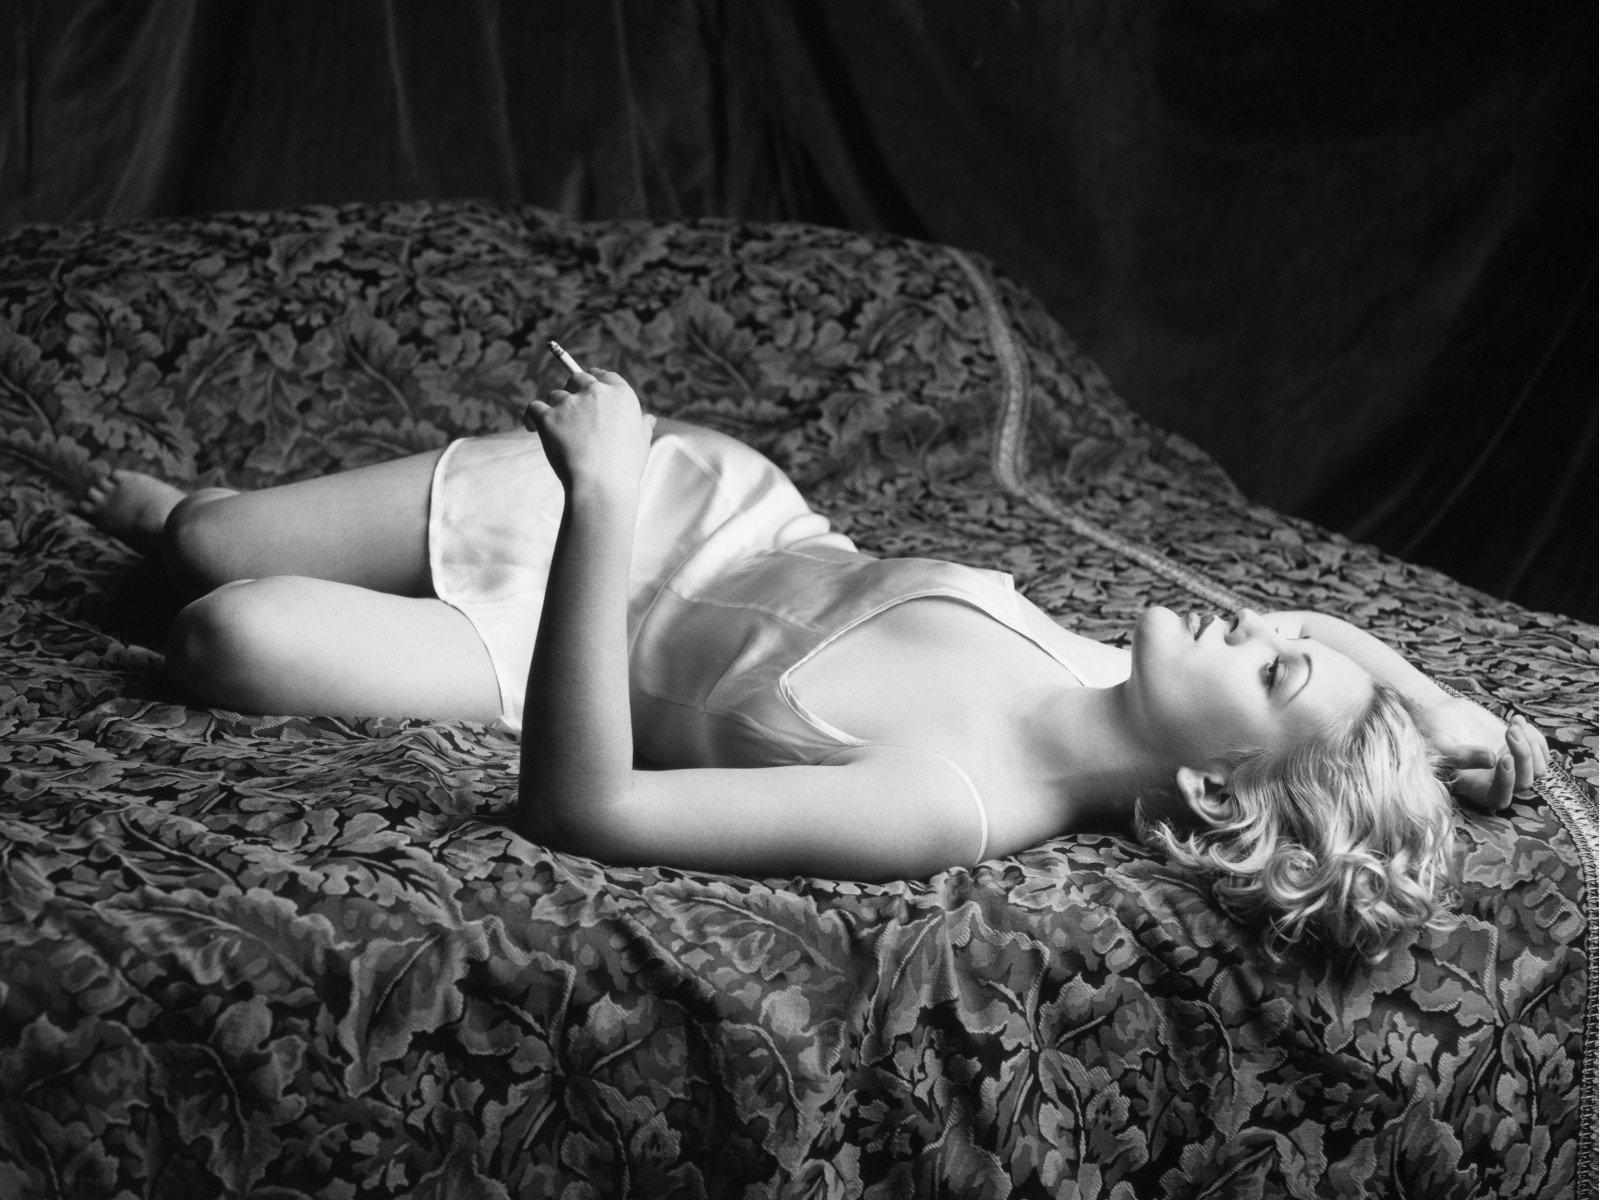 девушка курит сигарету блондинка в светлом коротком пеньюаре на спине на кровати лежит